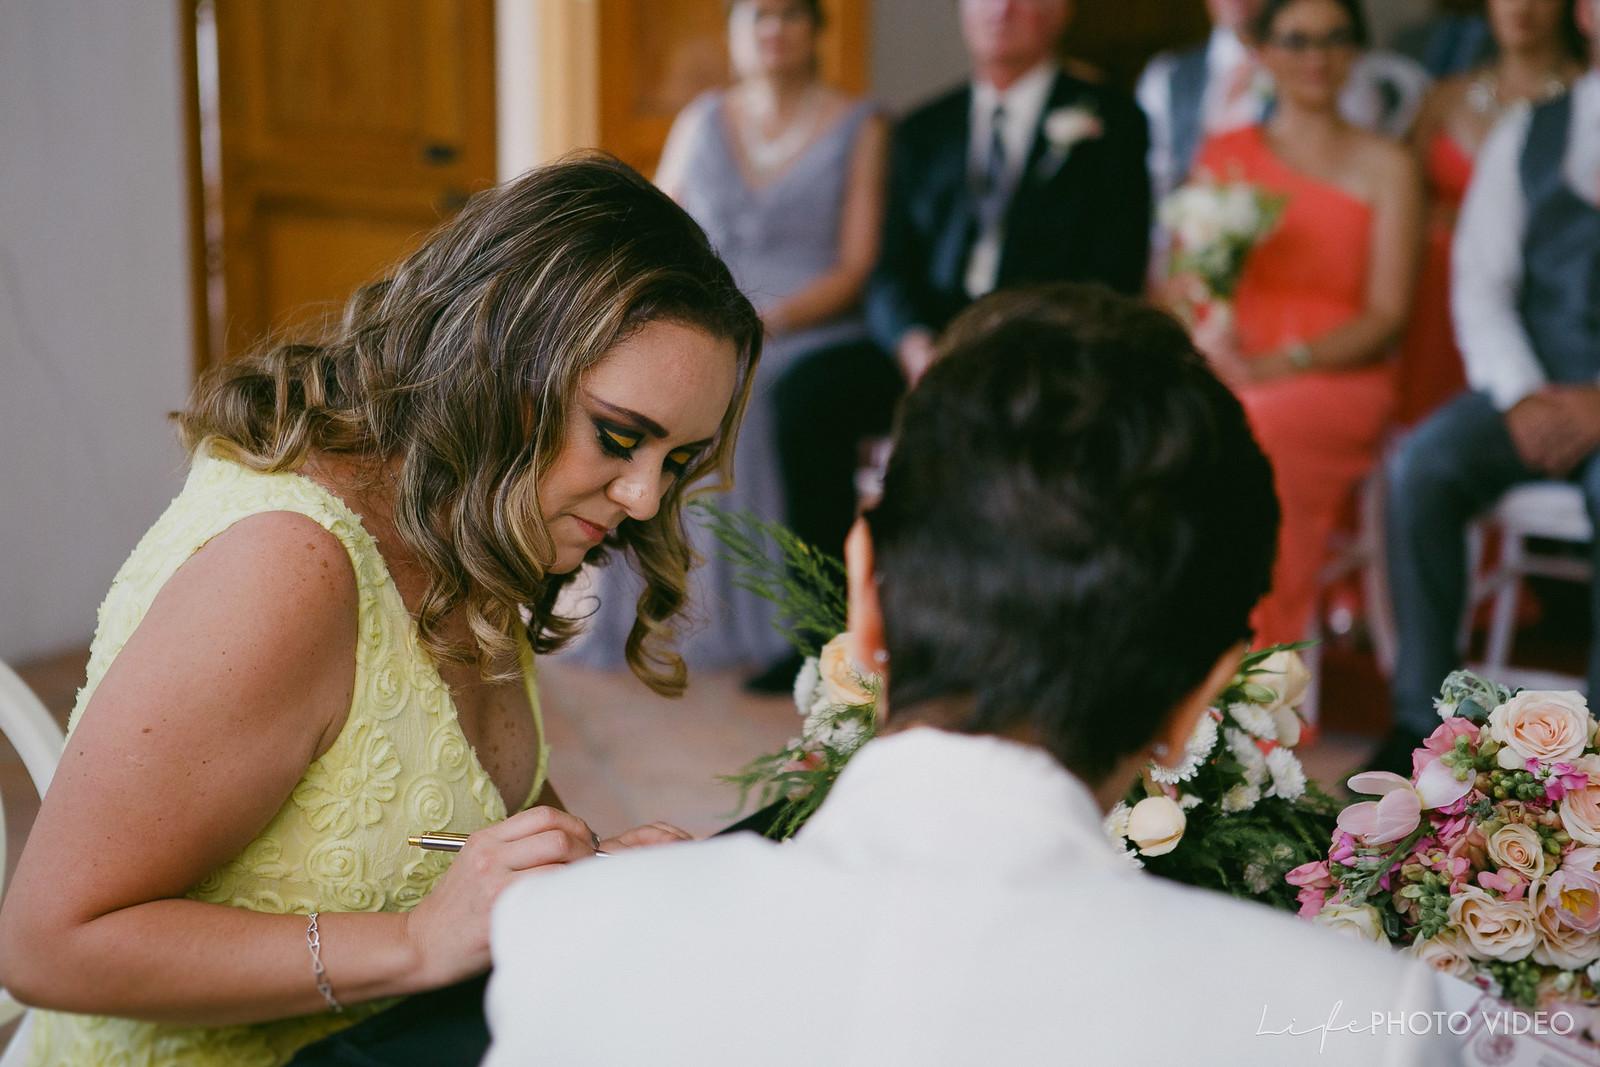 LifePhotoVideo_Boda_LeonGto_Wedding_0045.jpg